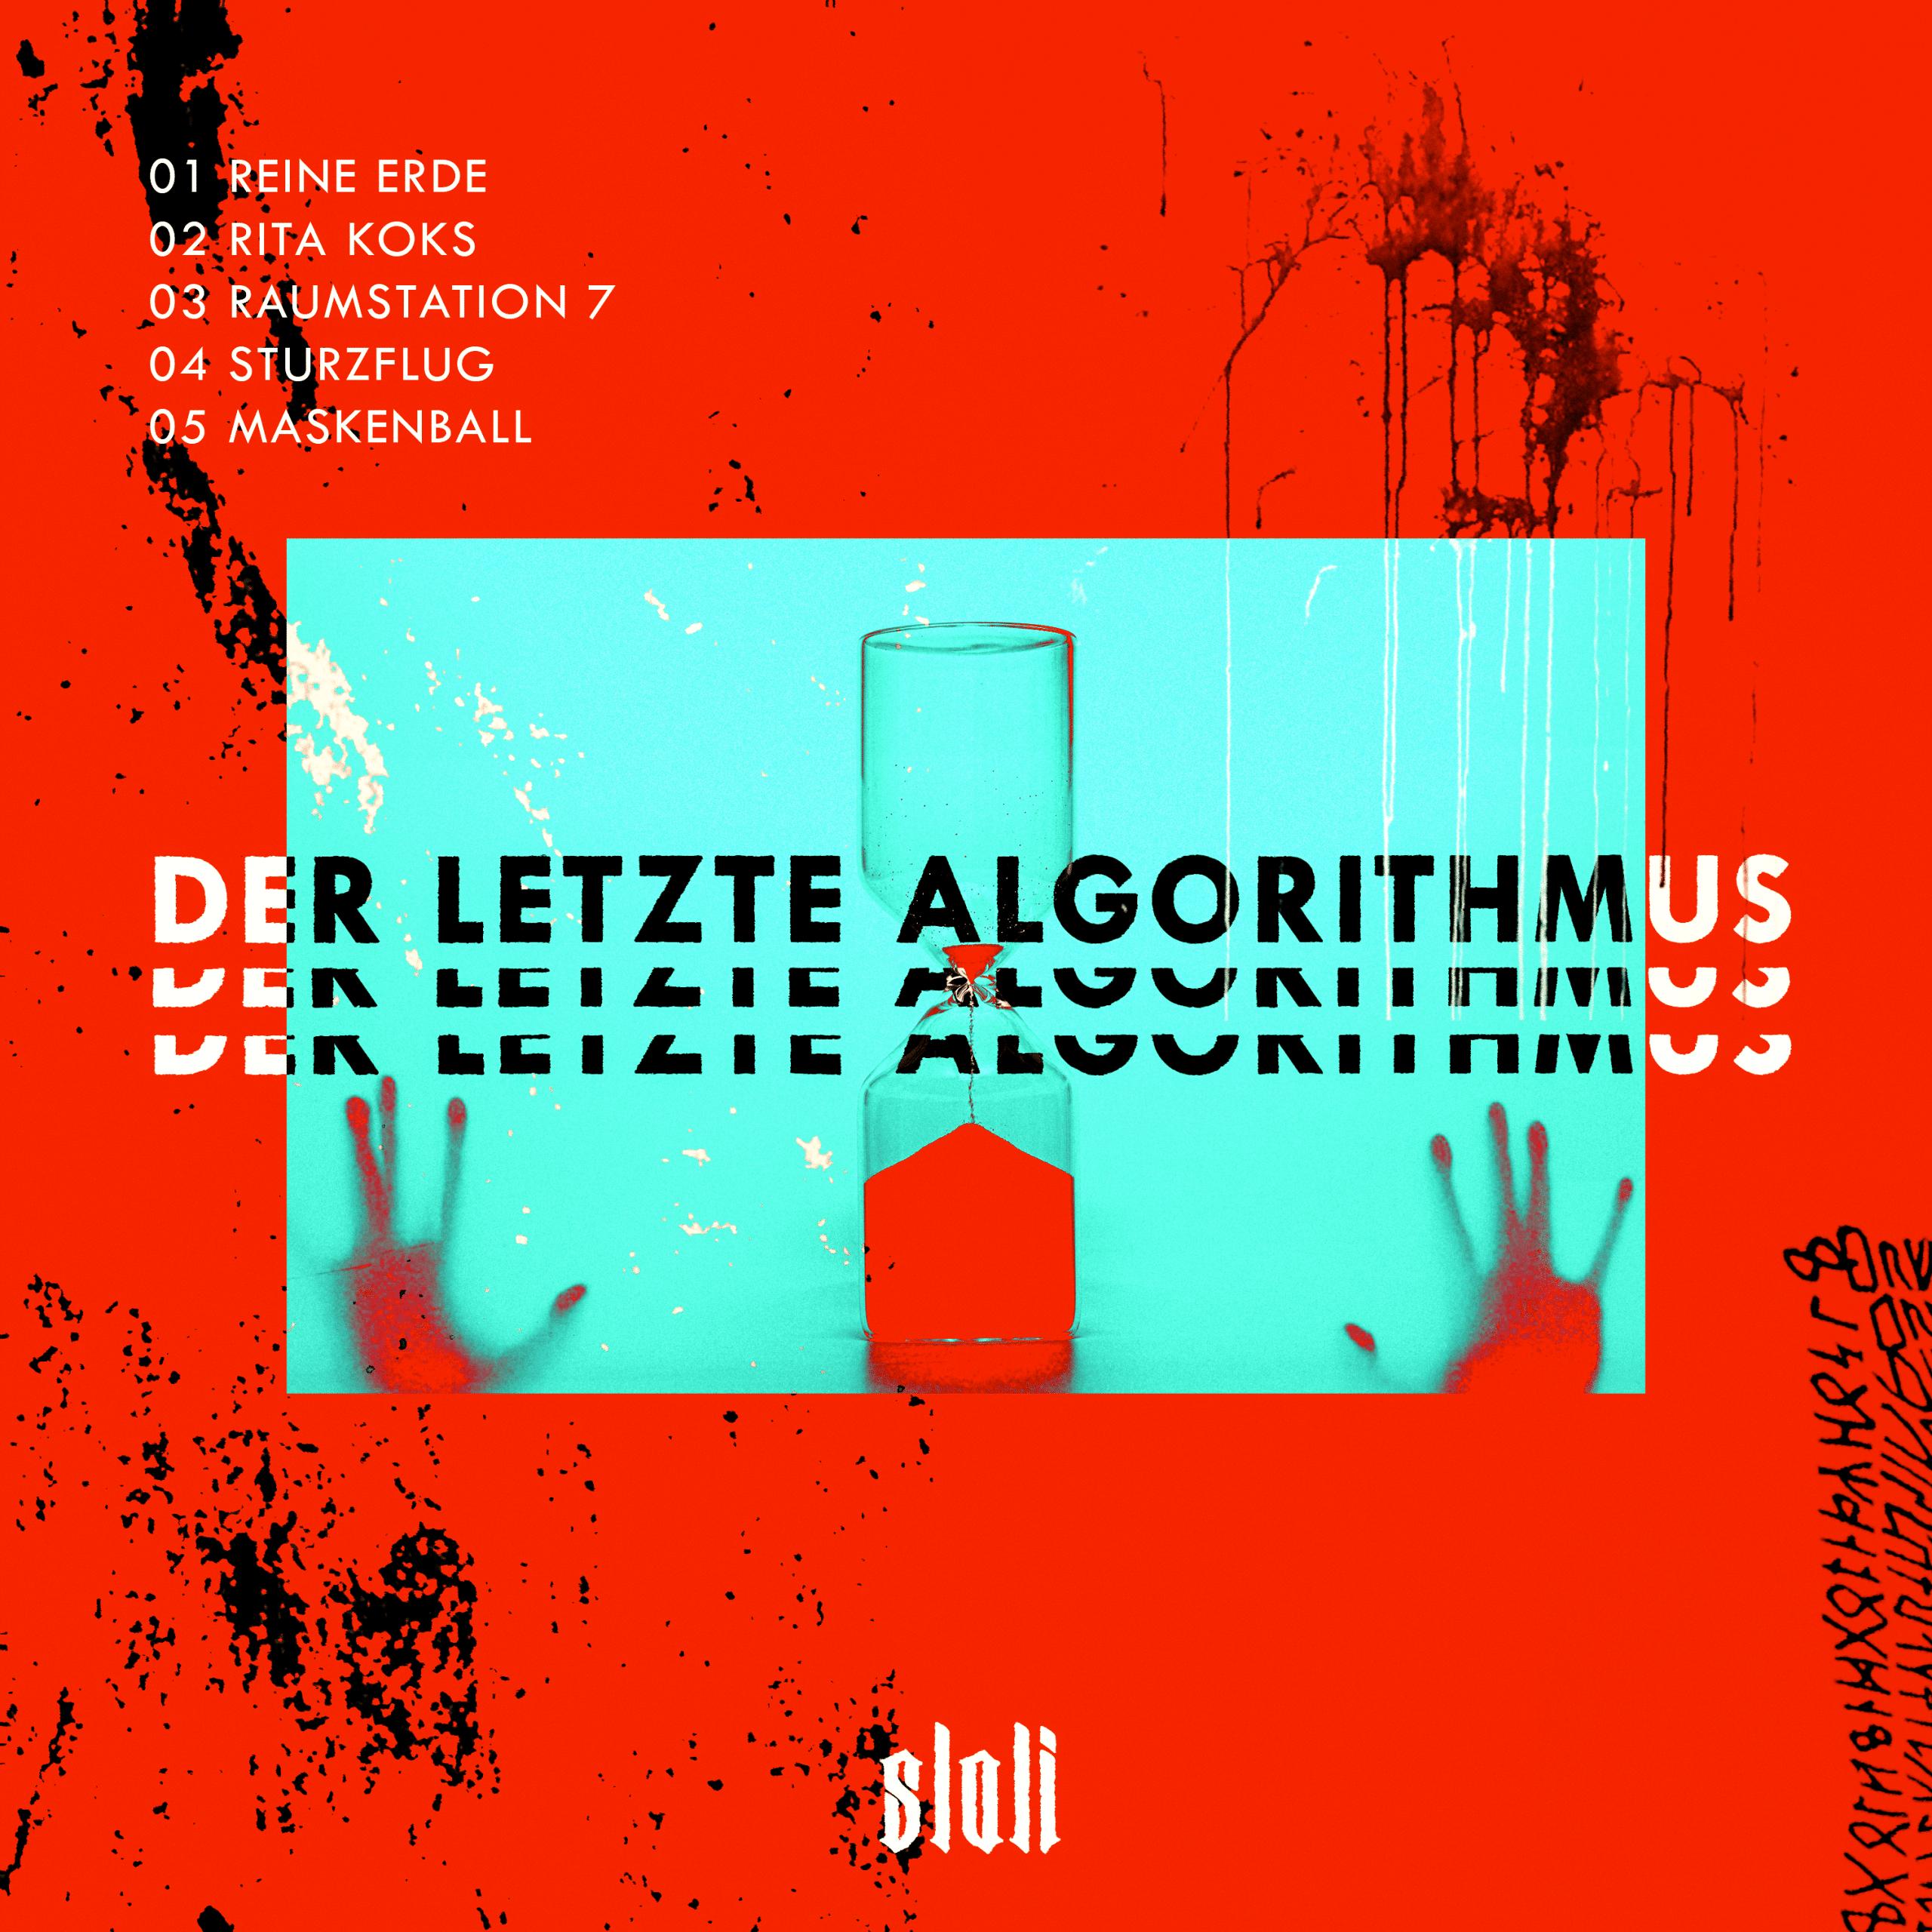 """Sloli Debuts Self Published Five Track EP """"Der Letzte Algorithmus"""""""